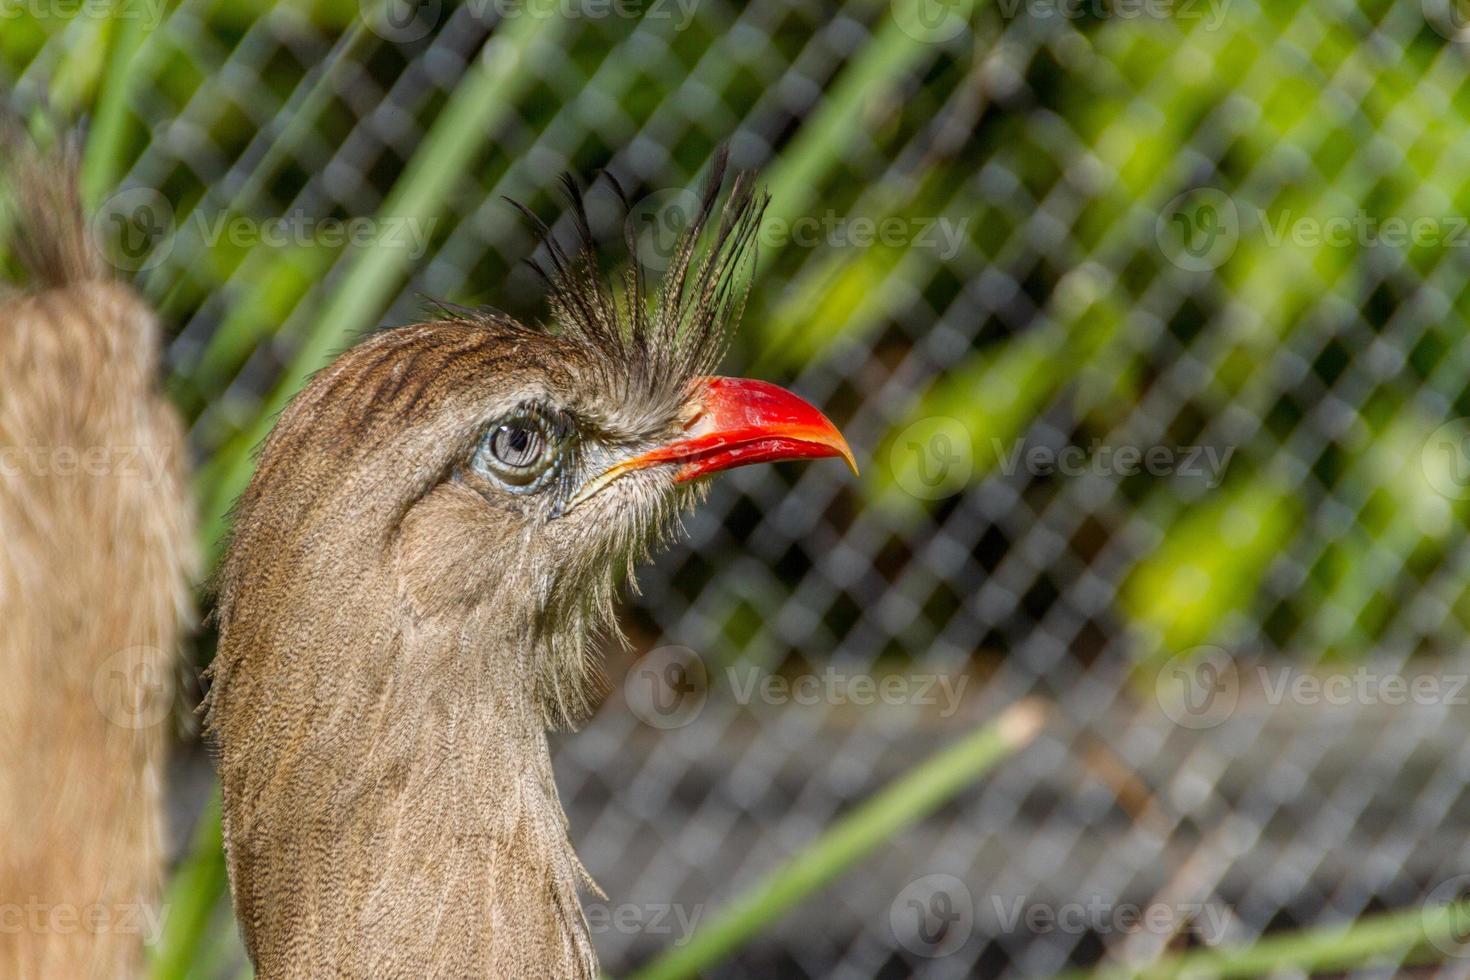 Seriema, typical bird of the Brazilian cerrados photo